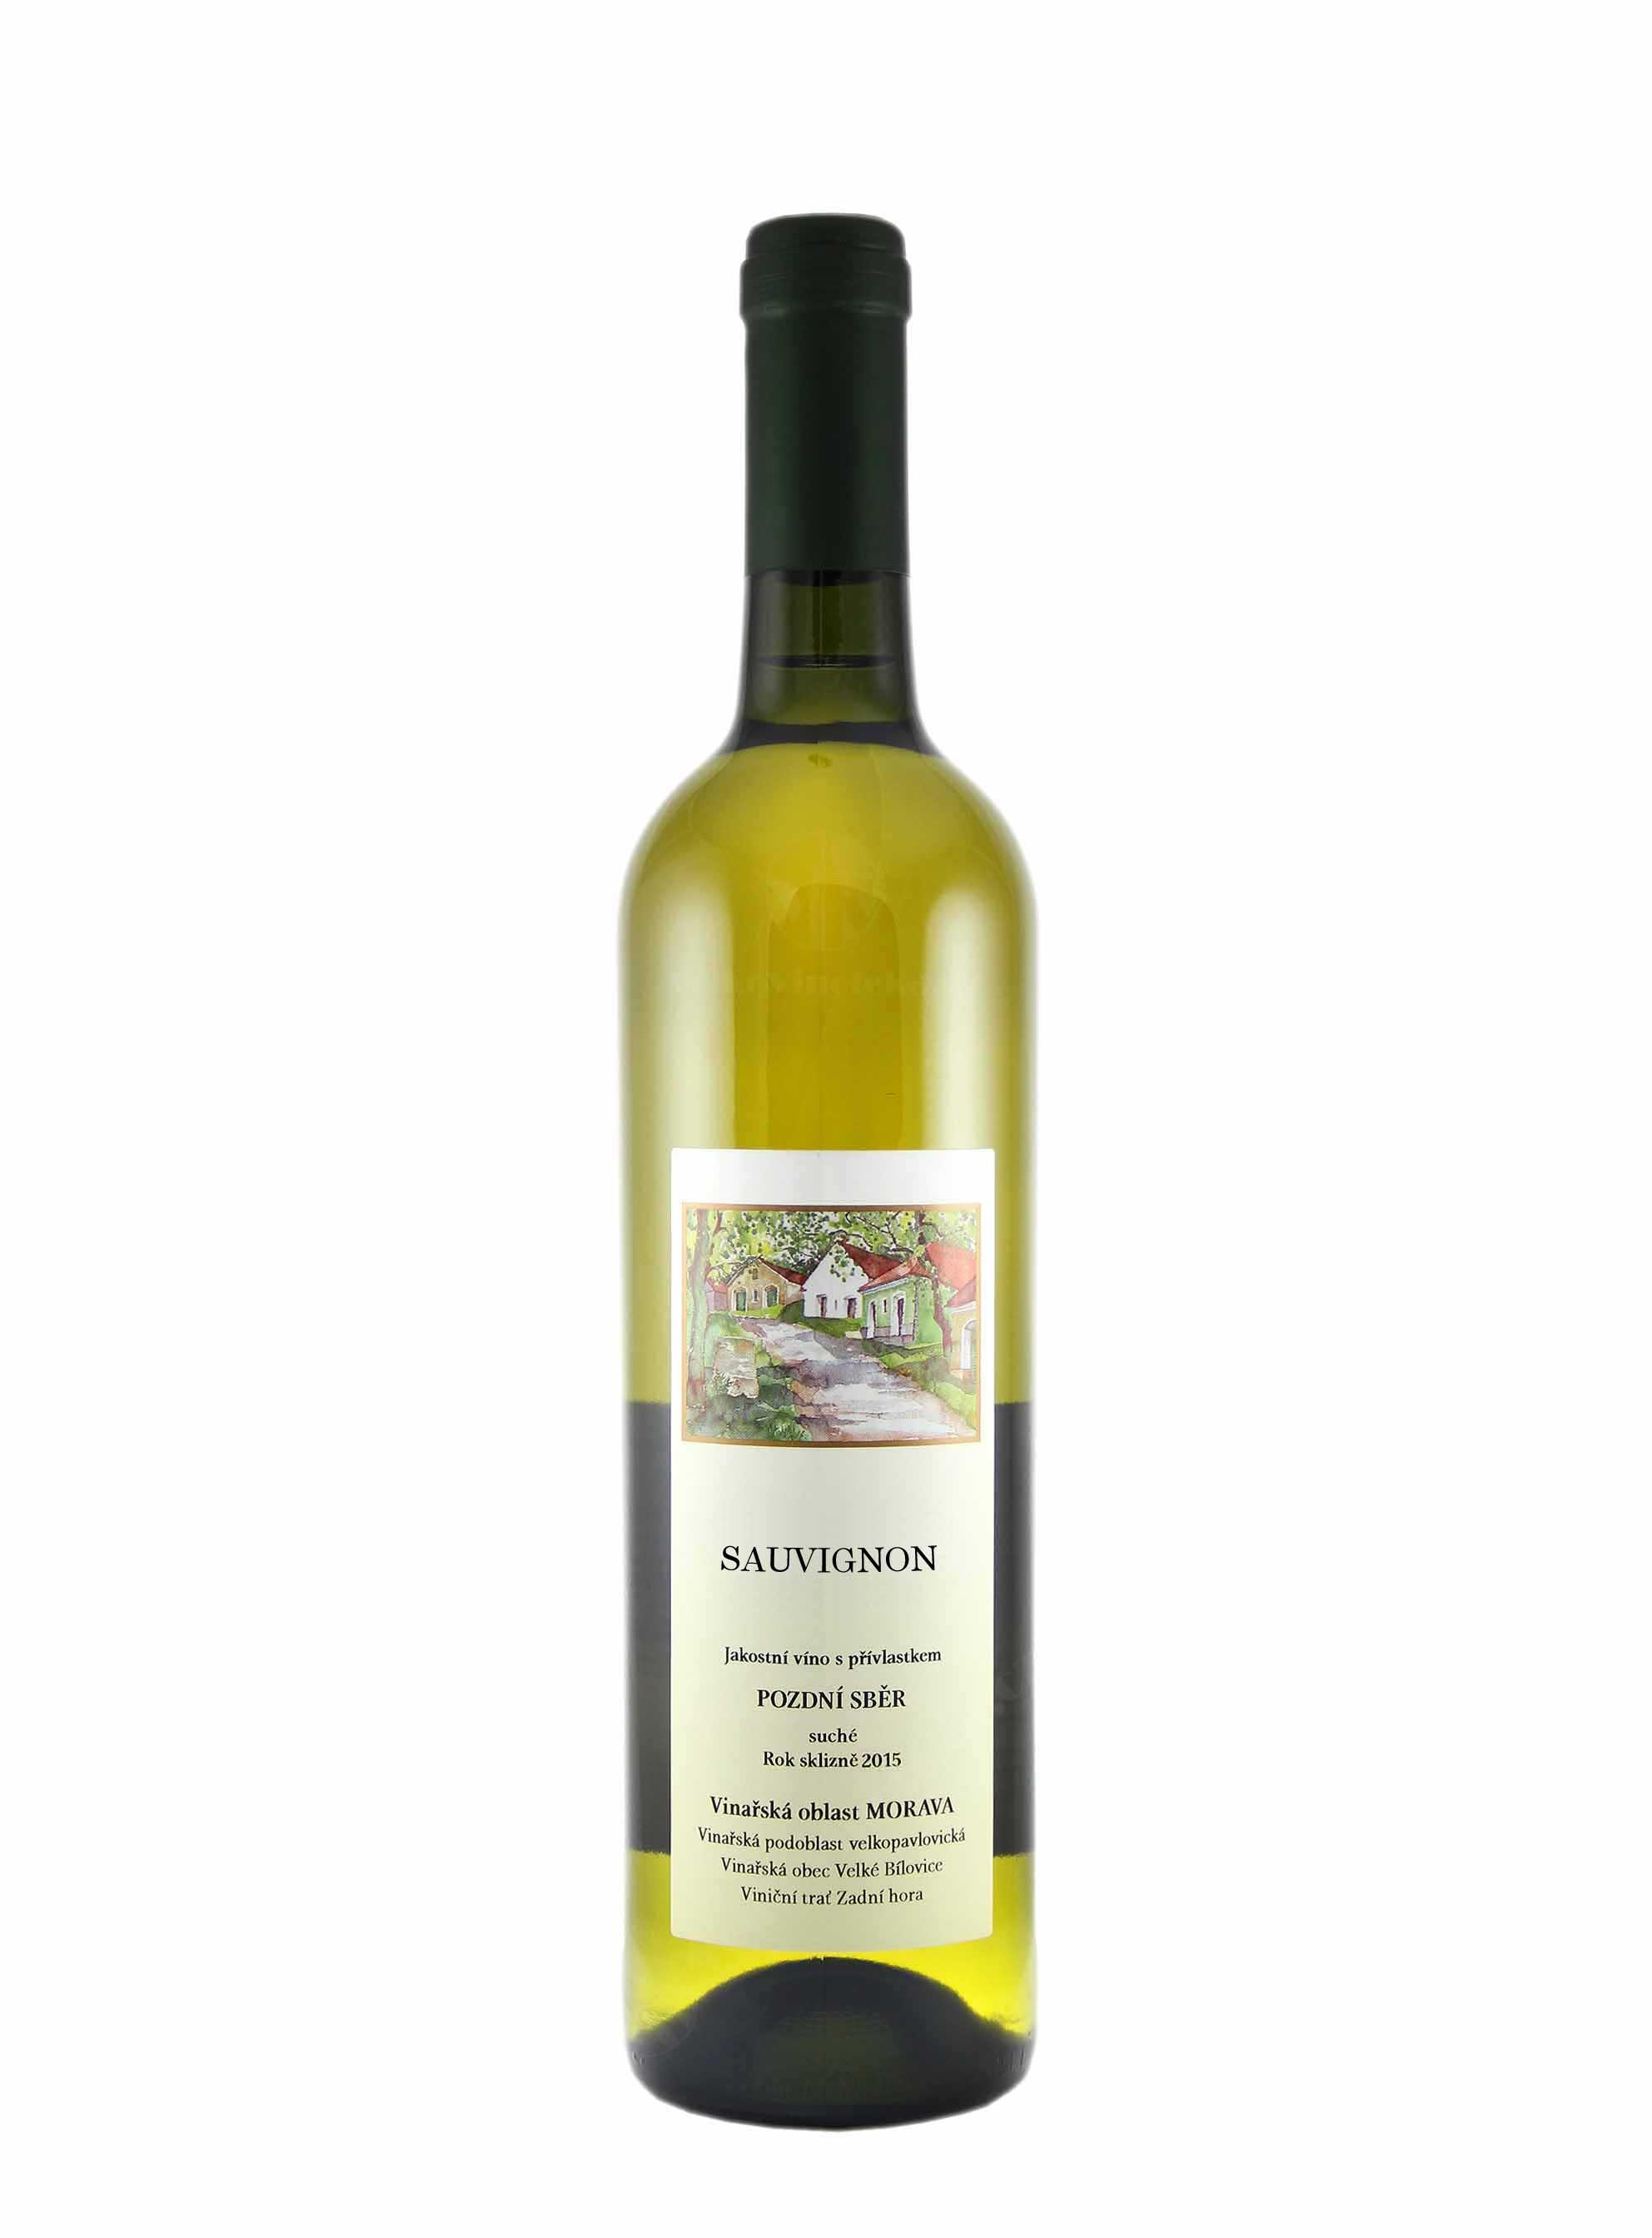 Sauvignon, Pozdní sběr, 2015, František Mádl - Malý vinař, 0.75 l